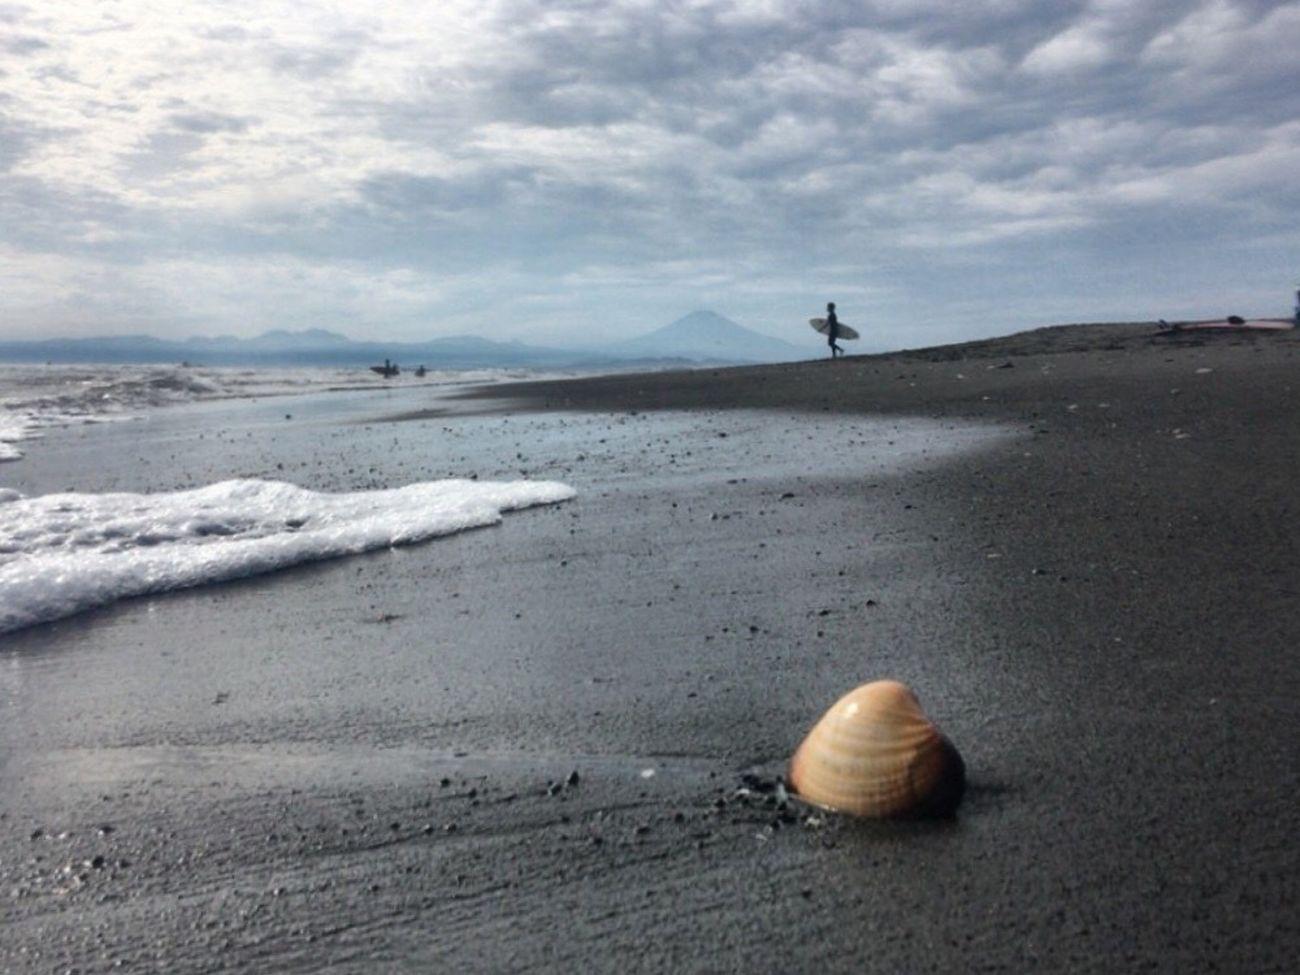 海 雲 空 Mt Fuji Sillouette Beach Sand Shore Sea Sky Coastline Tranquility Beauty In Nature Wave Scenics Cloudscape Cloud - Sky Shell 🐚 Sea And Sky Beachphotography